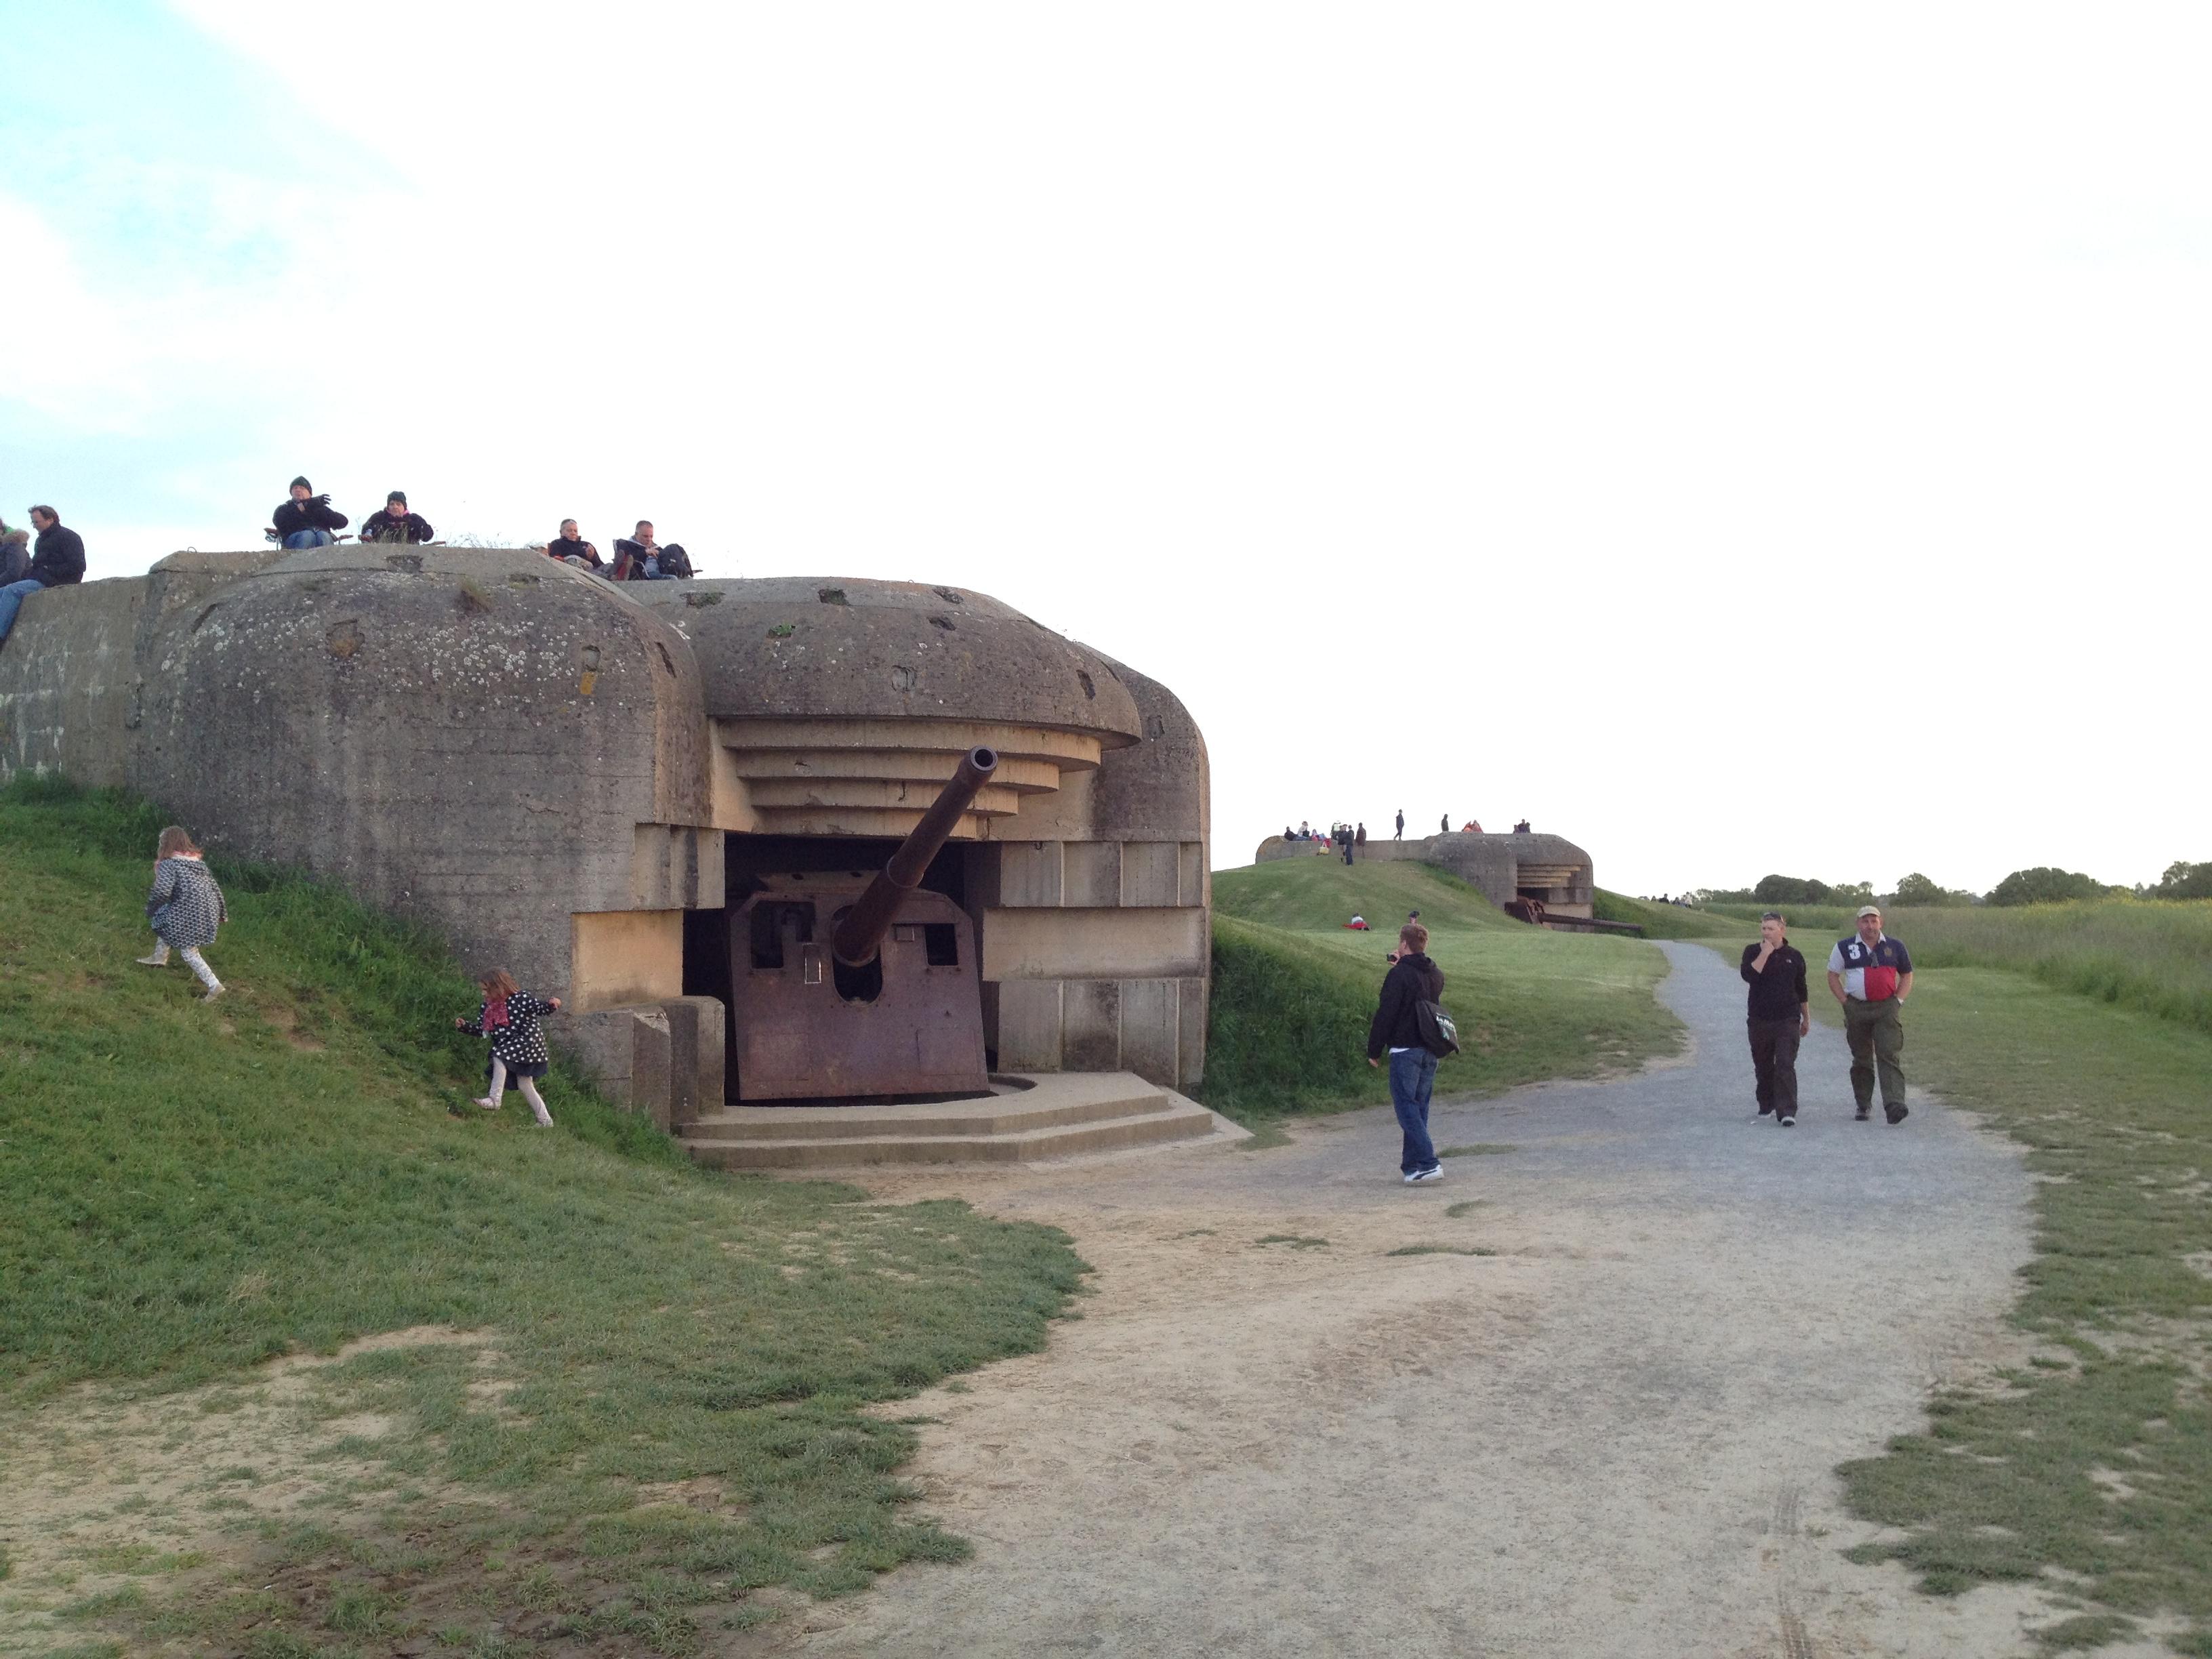 Normandie-andra-varldskriget-travelgrip- (5)